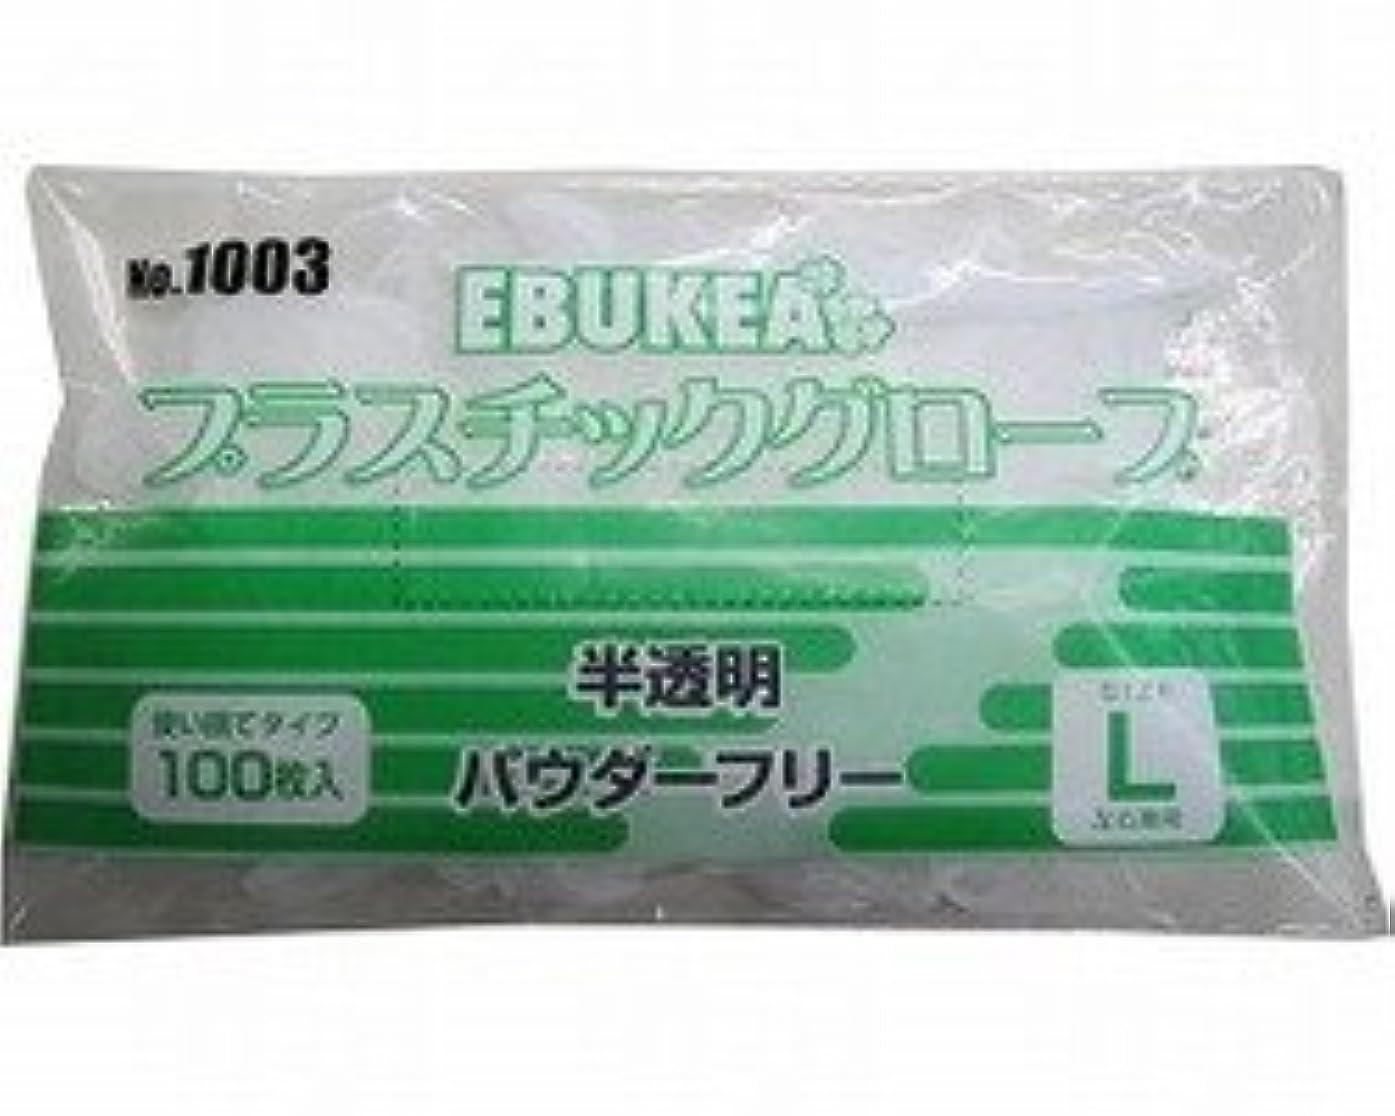 エブケアプラスチックグローブ(パウダーフリー Lサイズ 2ケースセット)